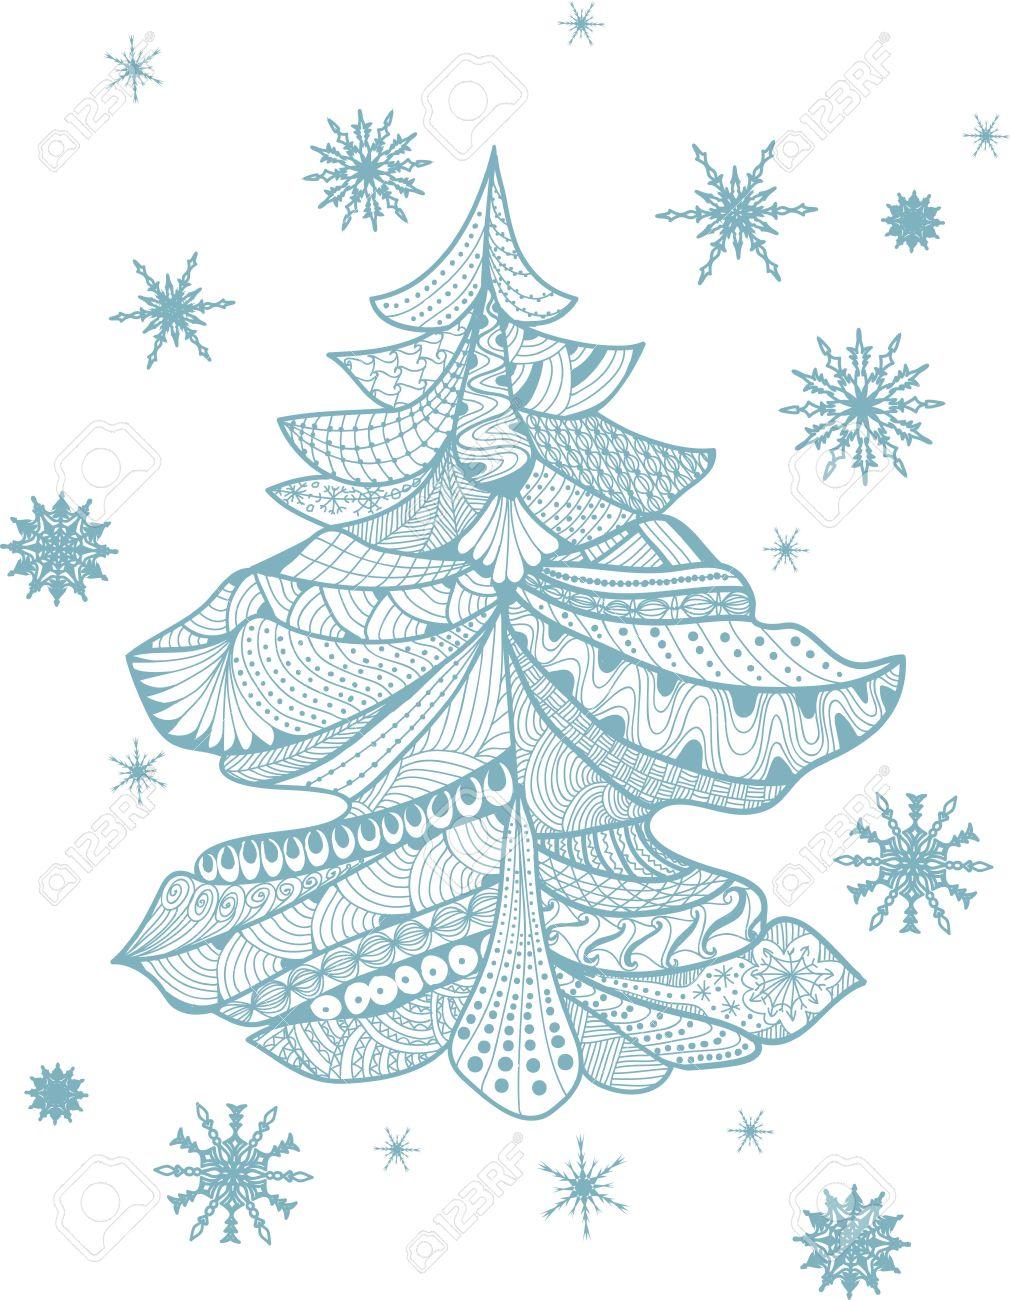 Malvorlage Weihnachtsbaum.Stock Photo